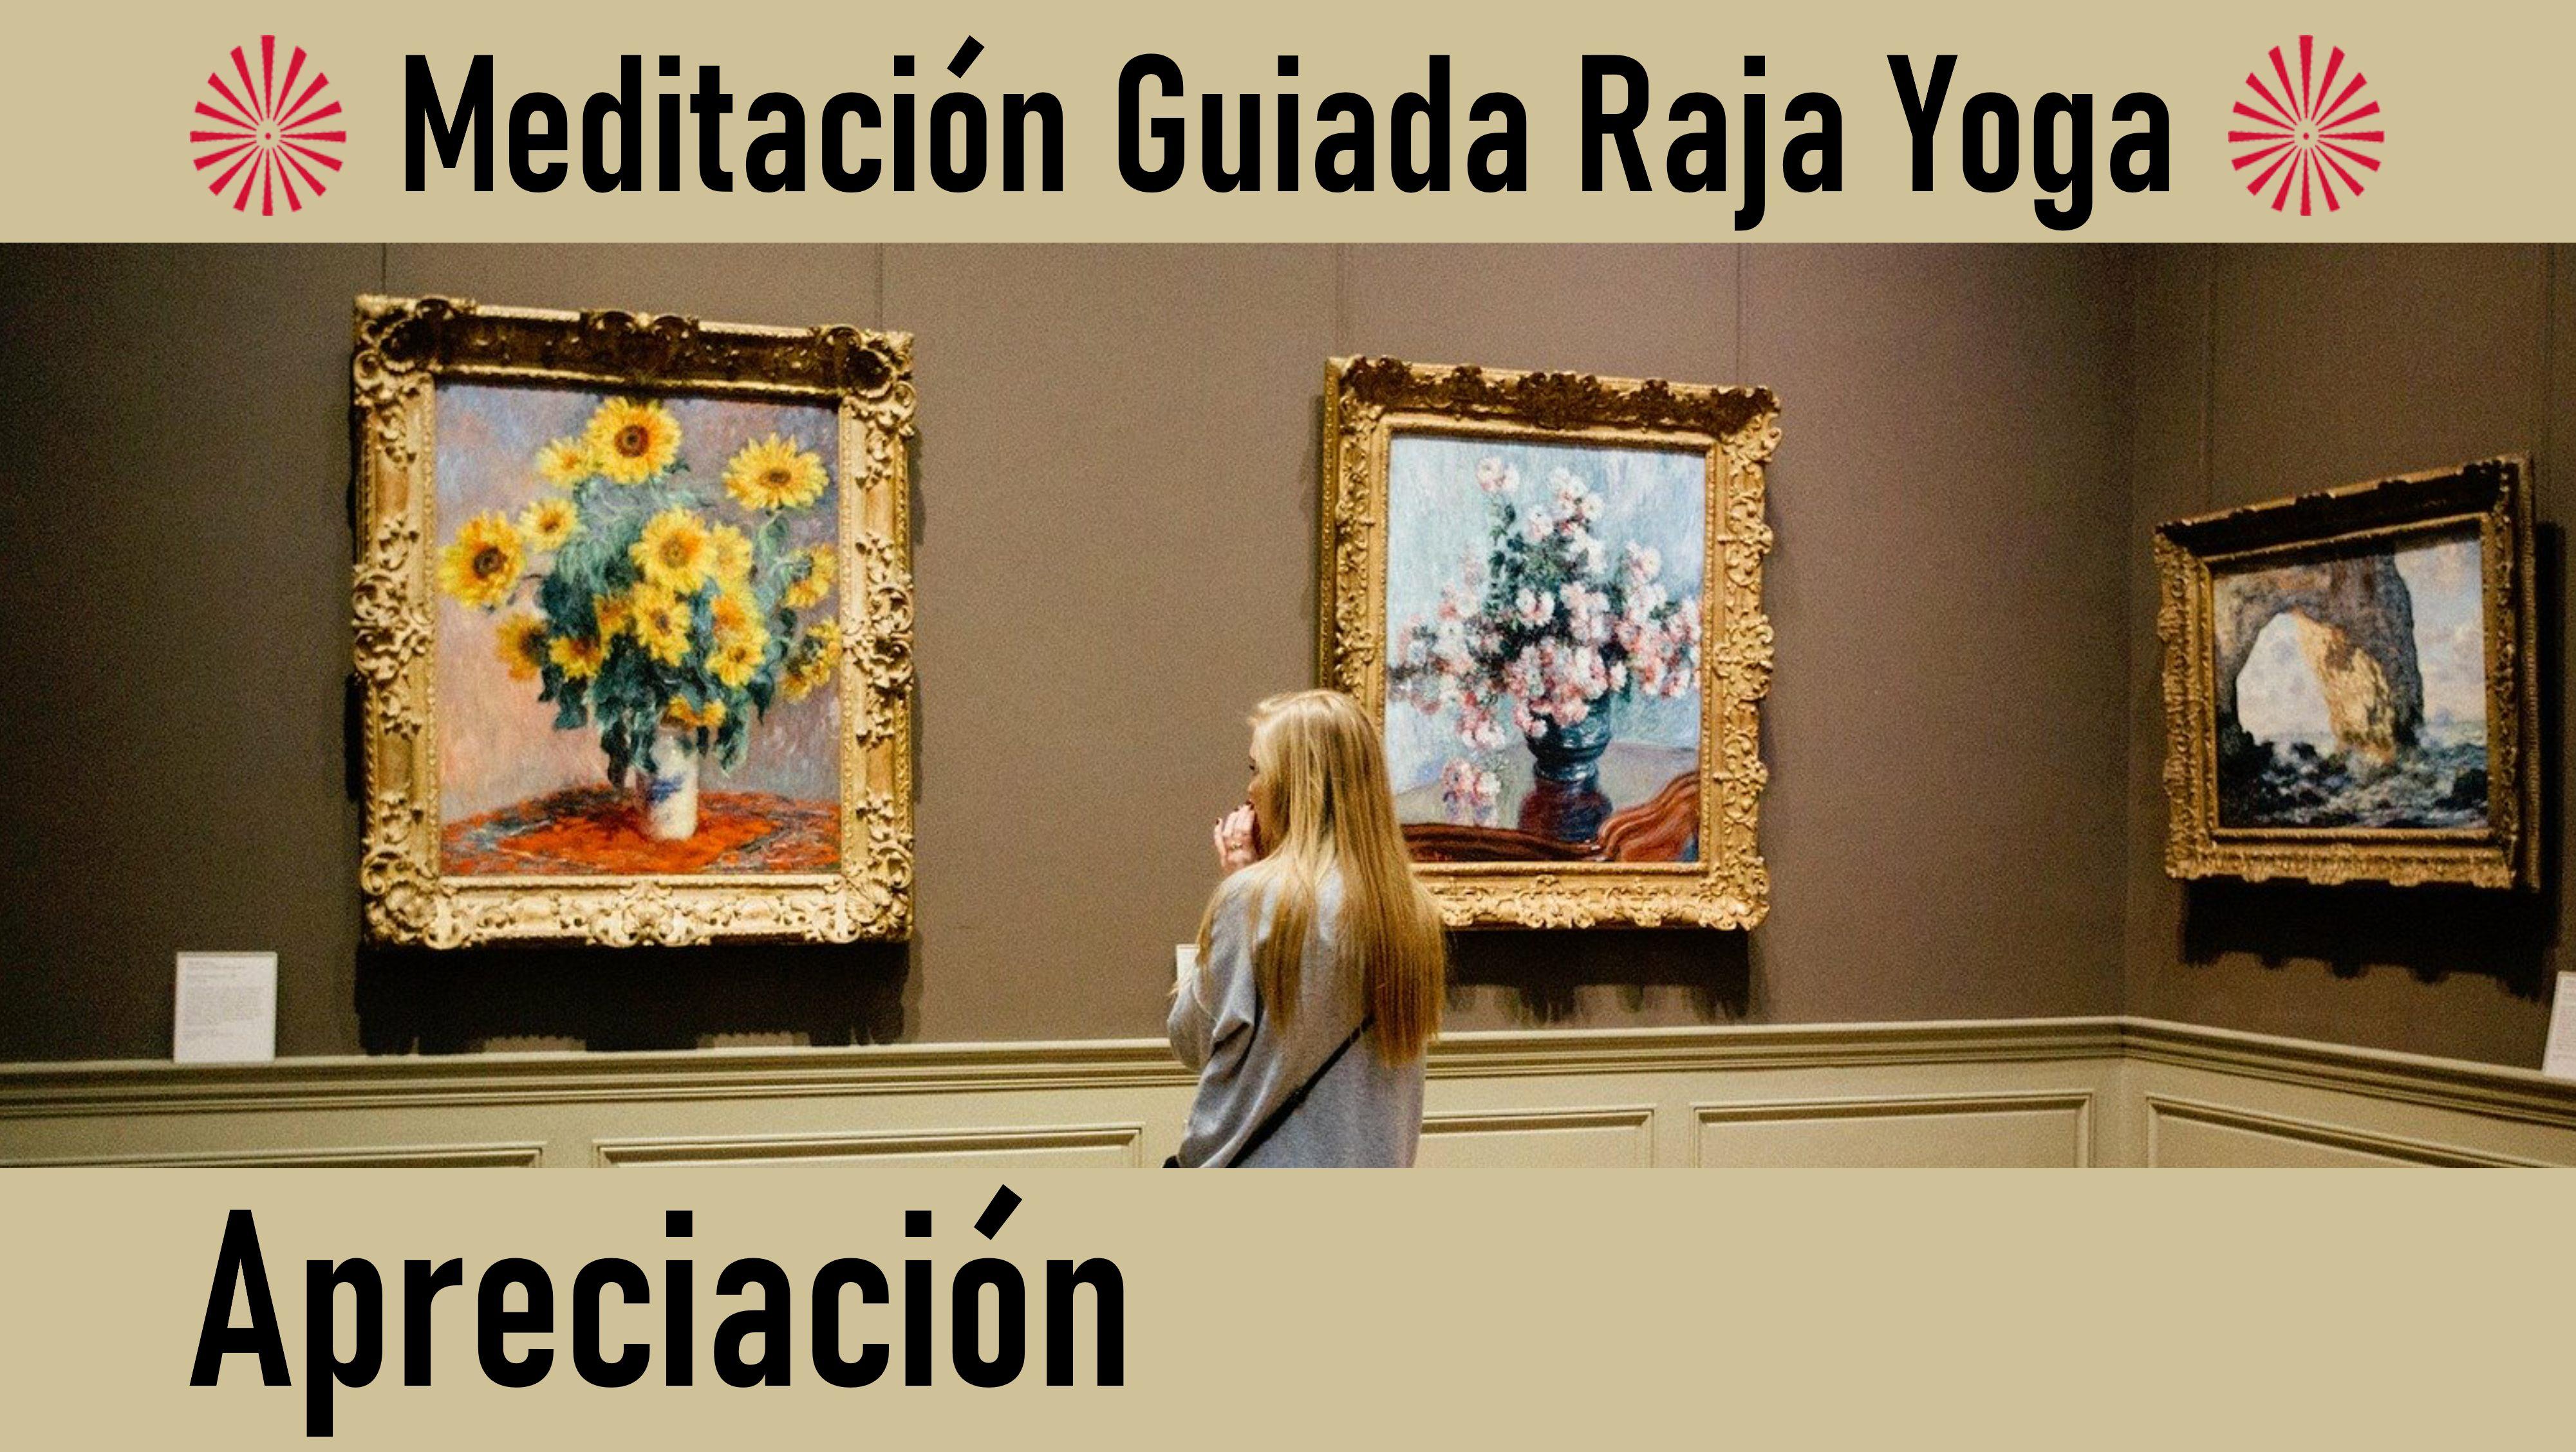 22 Mayo 2020  Meditación Guiada: Apreciación